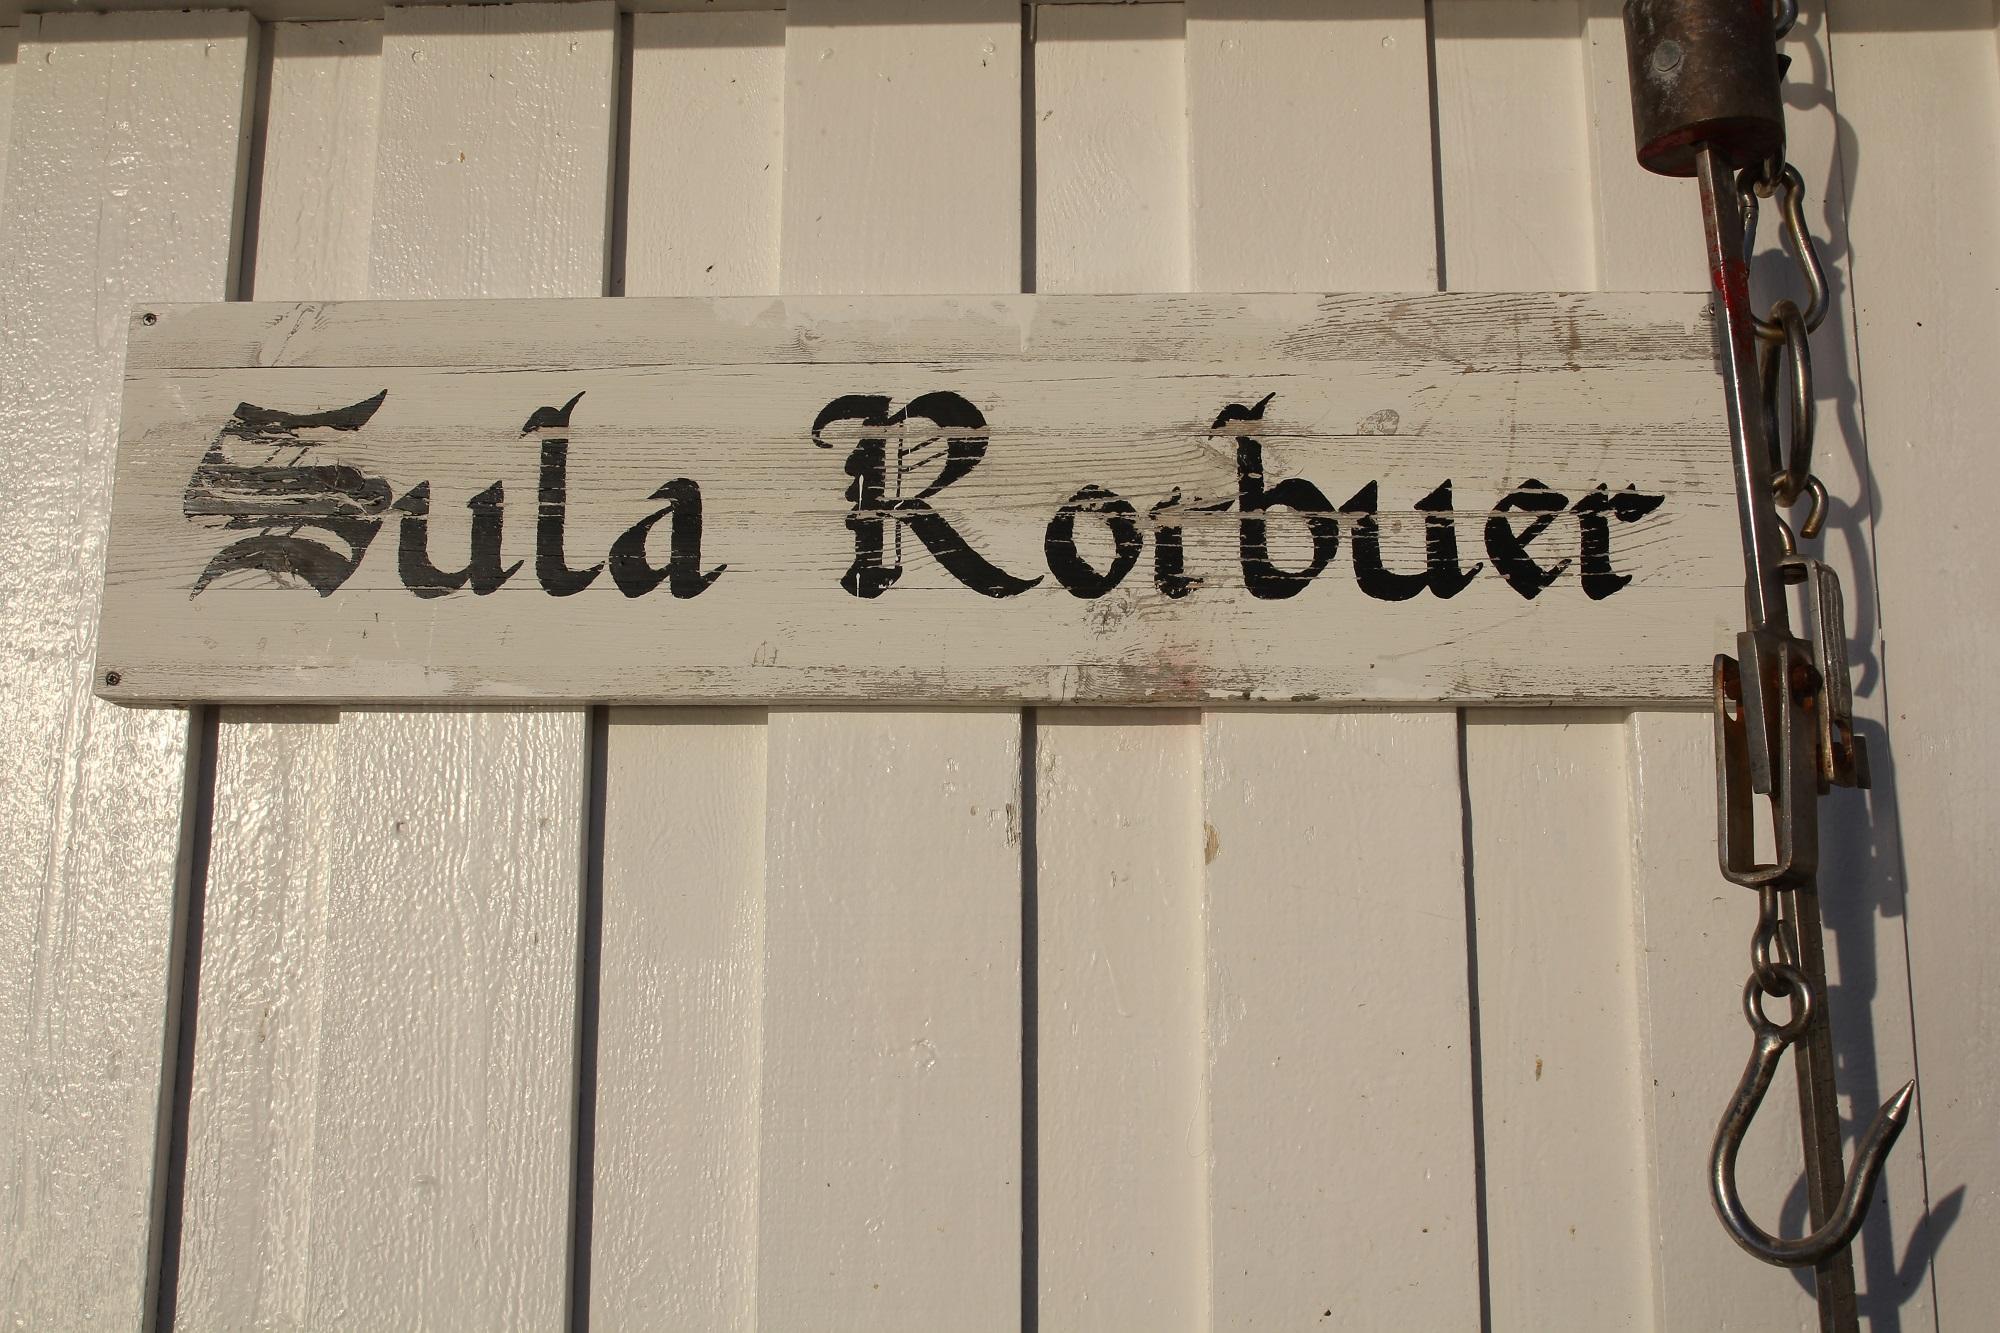 Wir waren in der Anlage Sula Rorbuer untergekommen